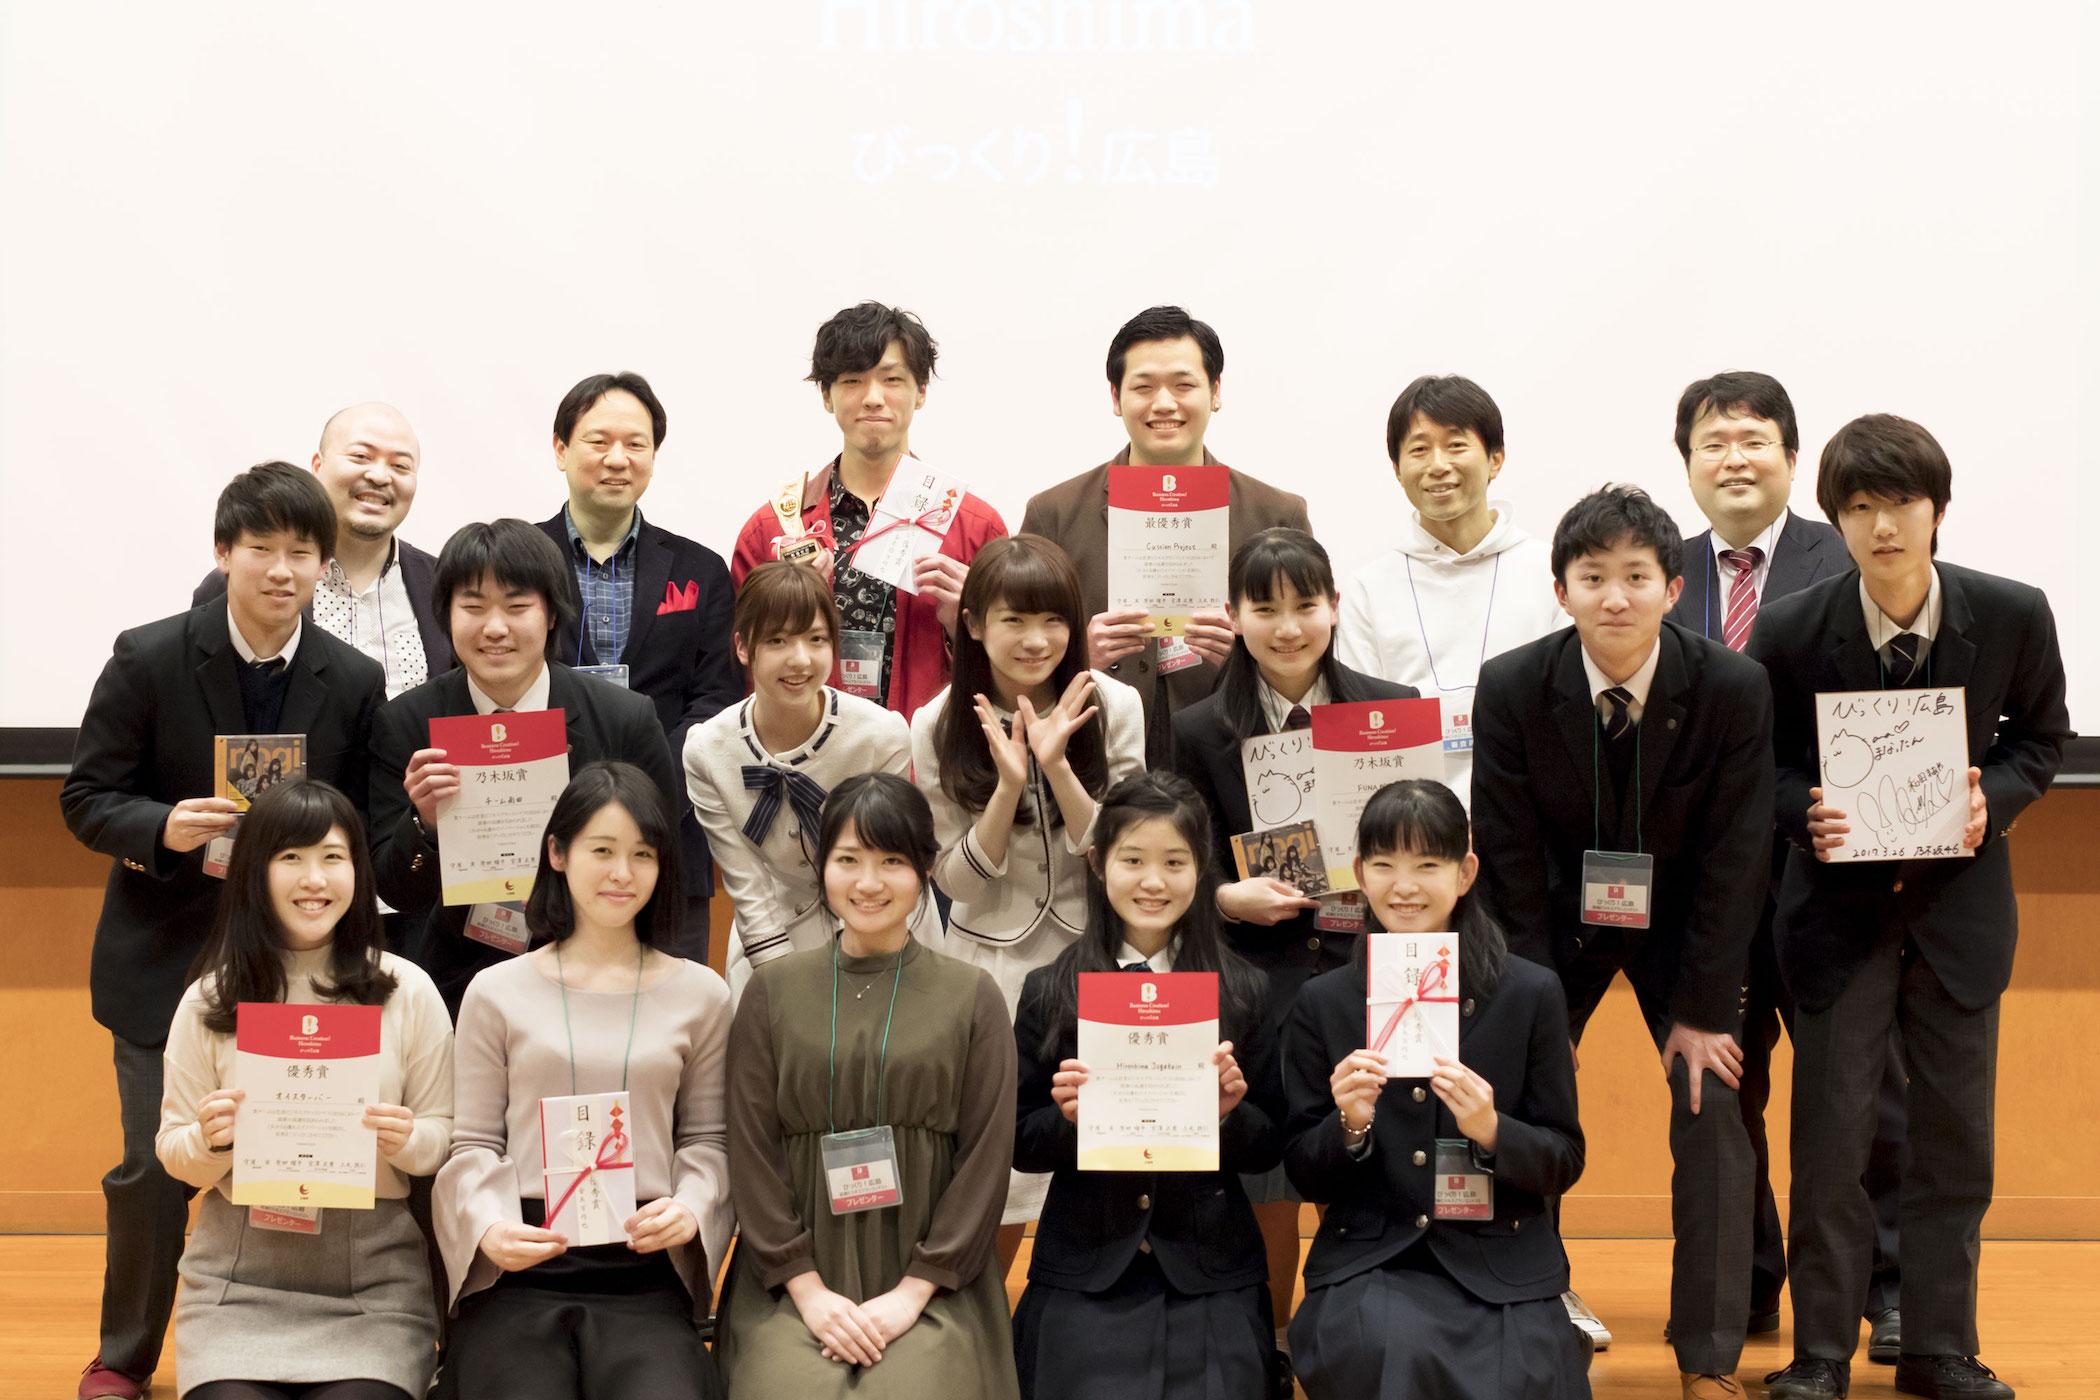 「びっくり!広島」ファイナルプレゼンテーション集合写真